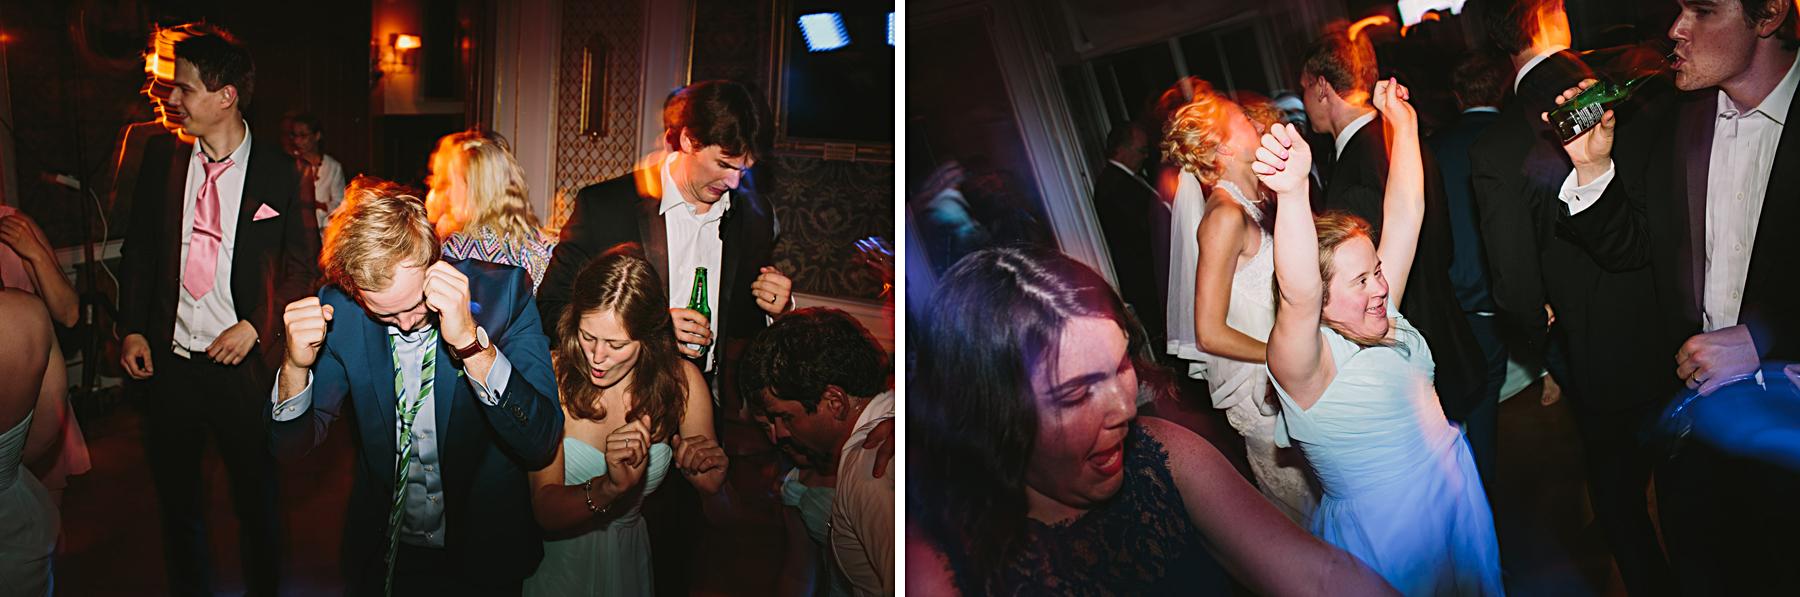 Toppenfest på bröllop